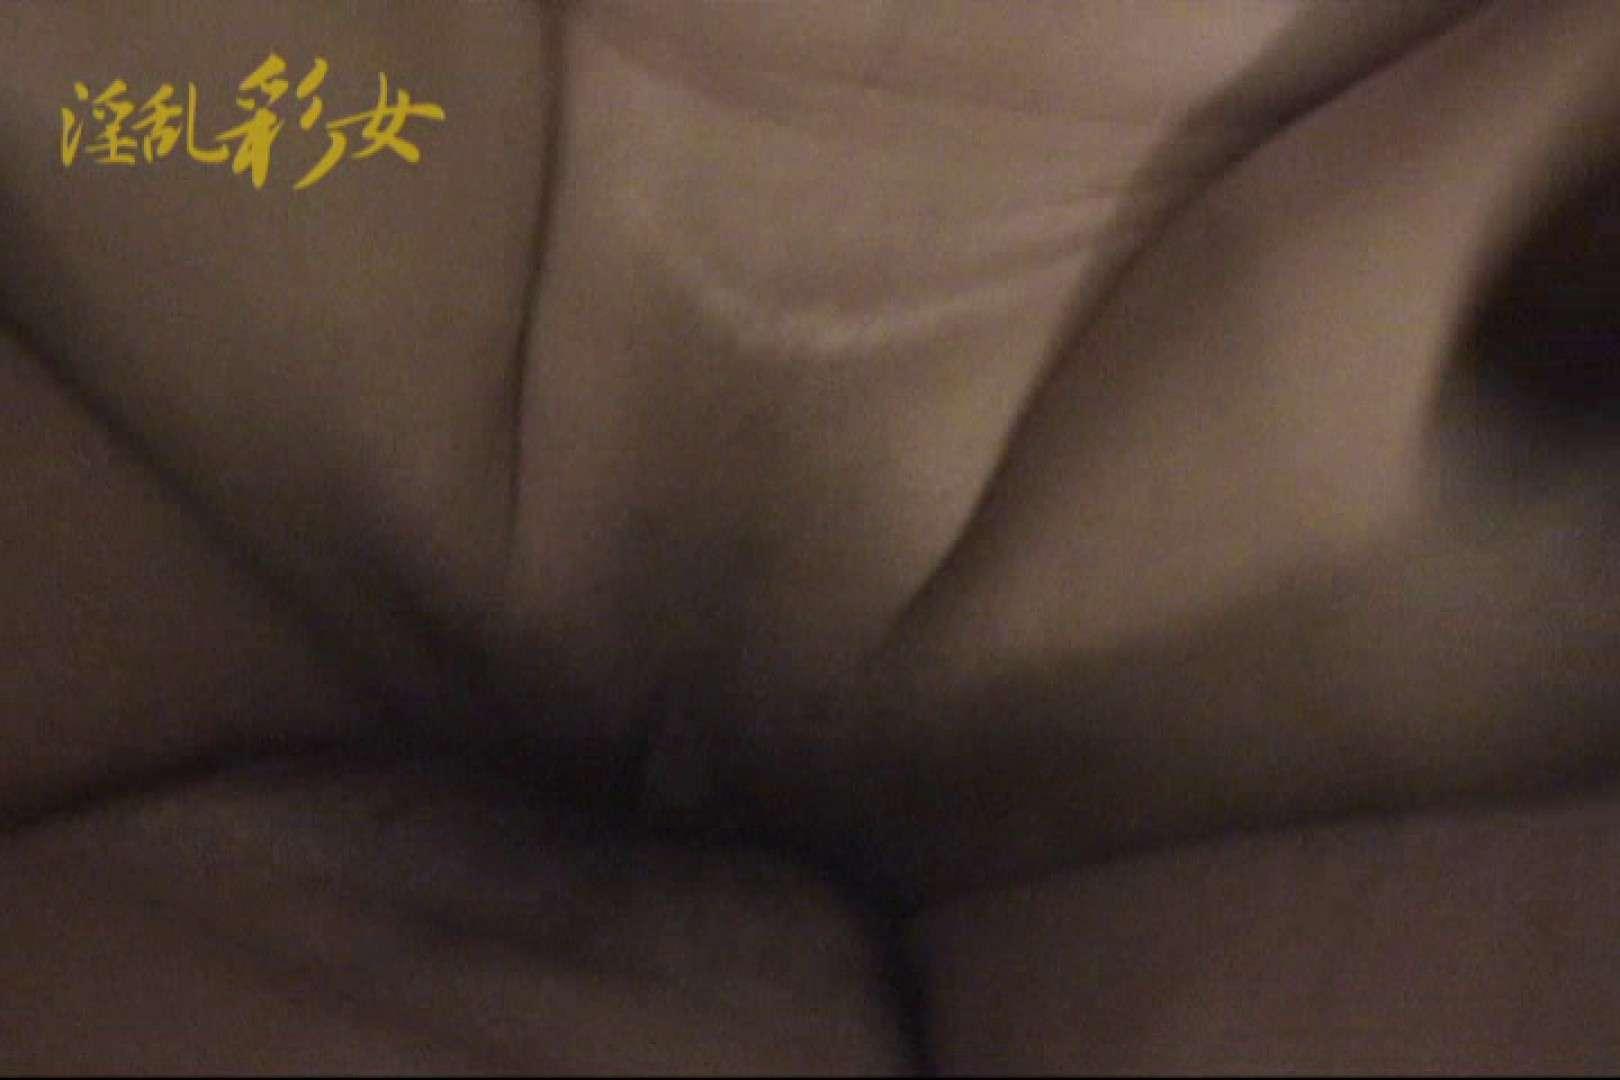 淫乱彩女 麻優里 貸出しの後で フェラ 覗きおまんこ画像 26連発 20